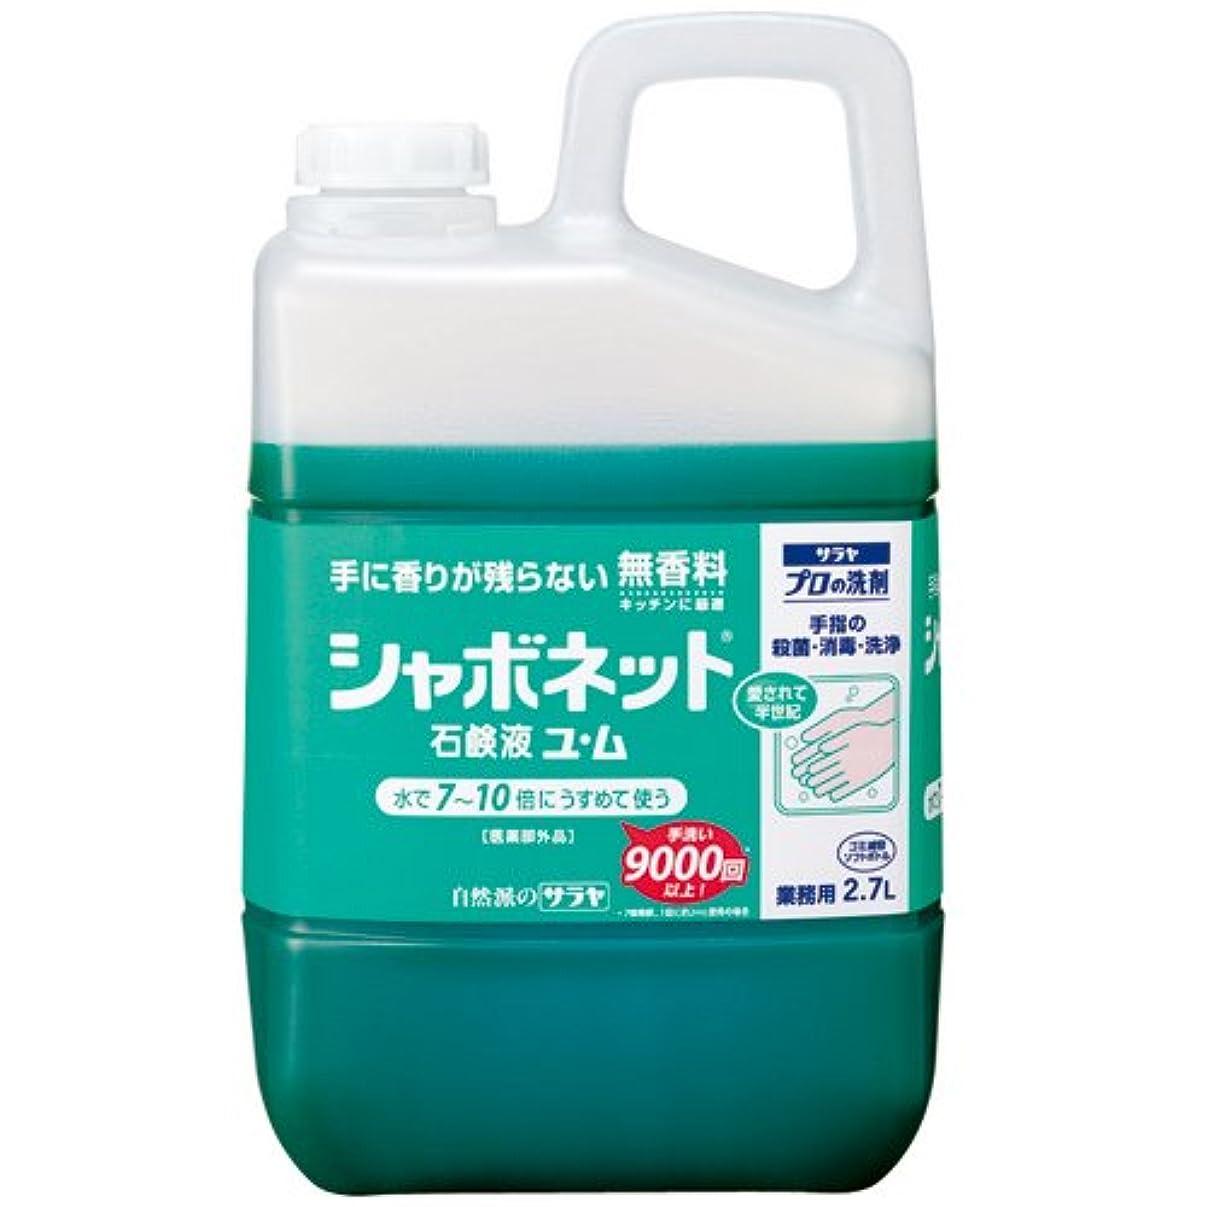 スケジュール演劇アクセスサラヤ シャボネット 石鹸液 ユ?ム 業務用 2.7L